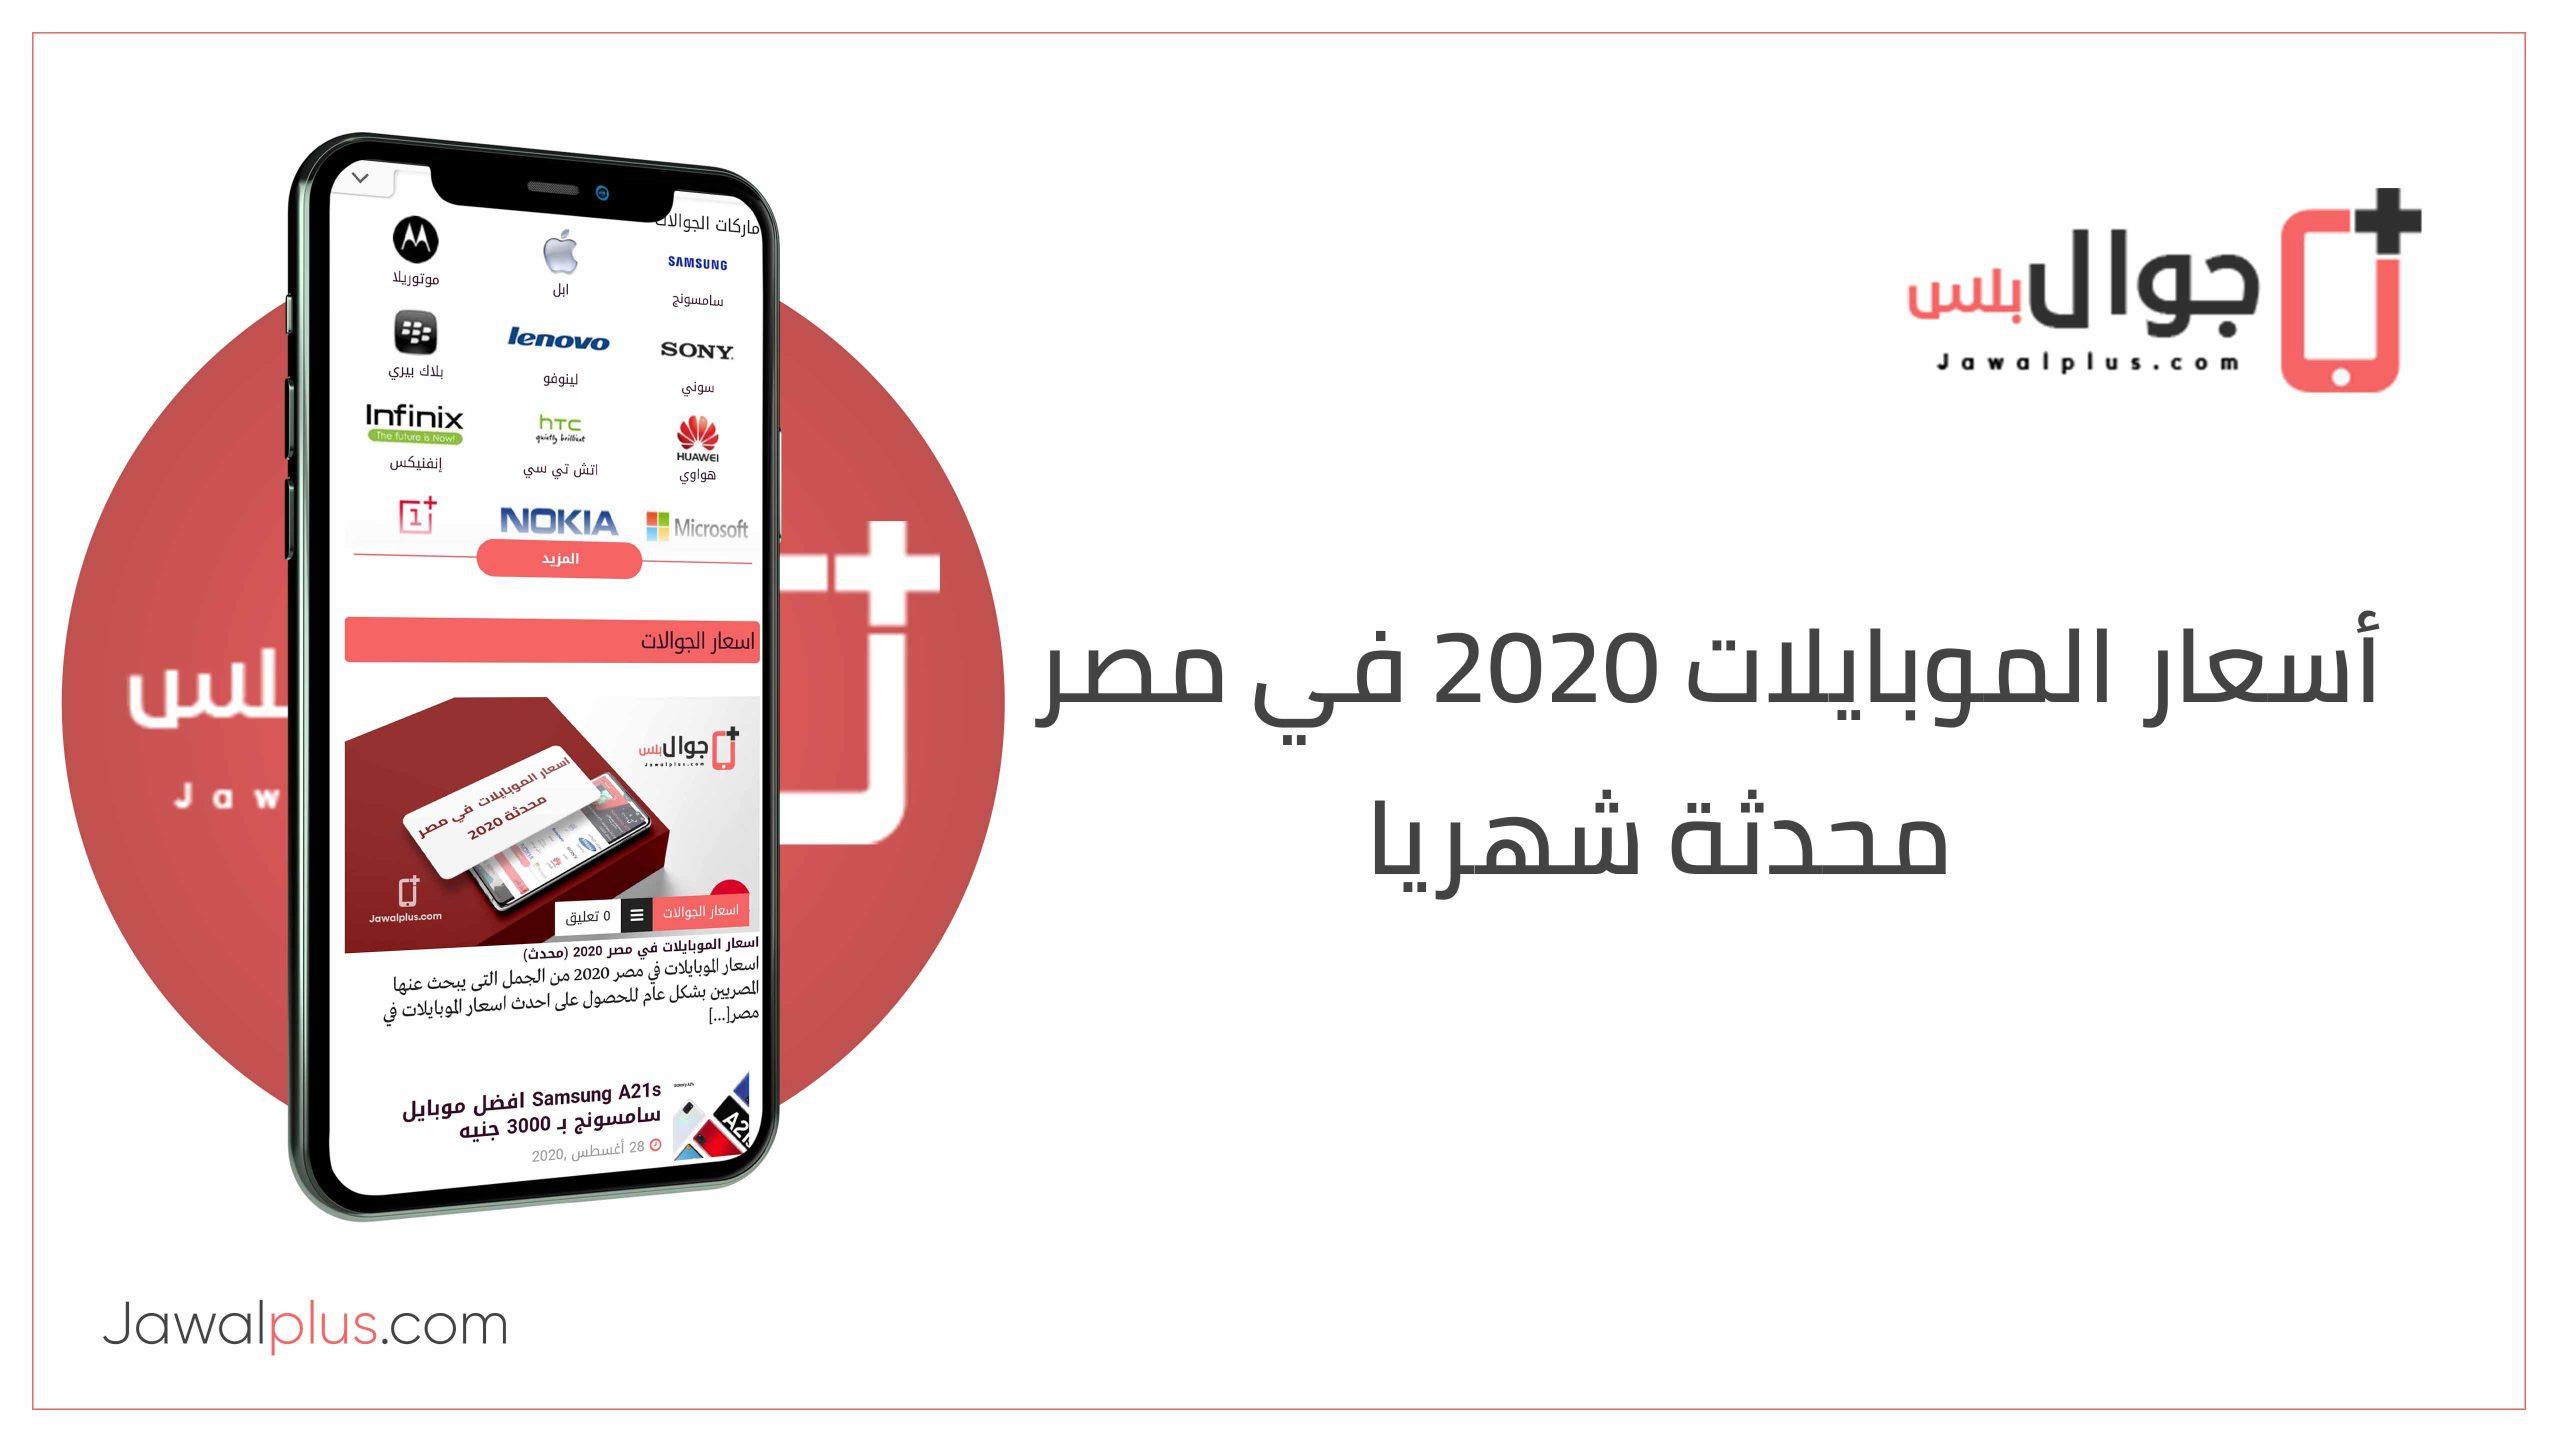 اسعار الموبايلات 2020 فى مصر